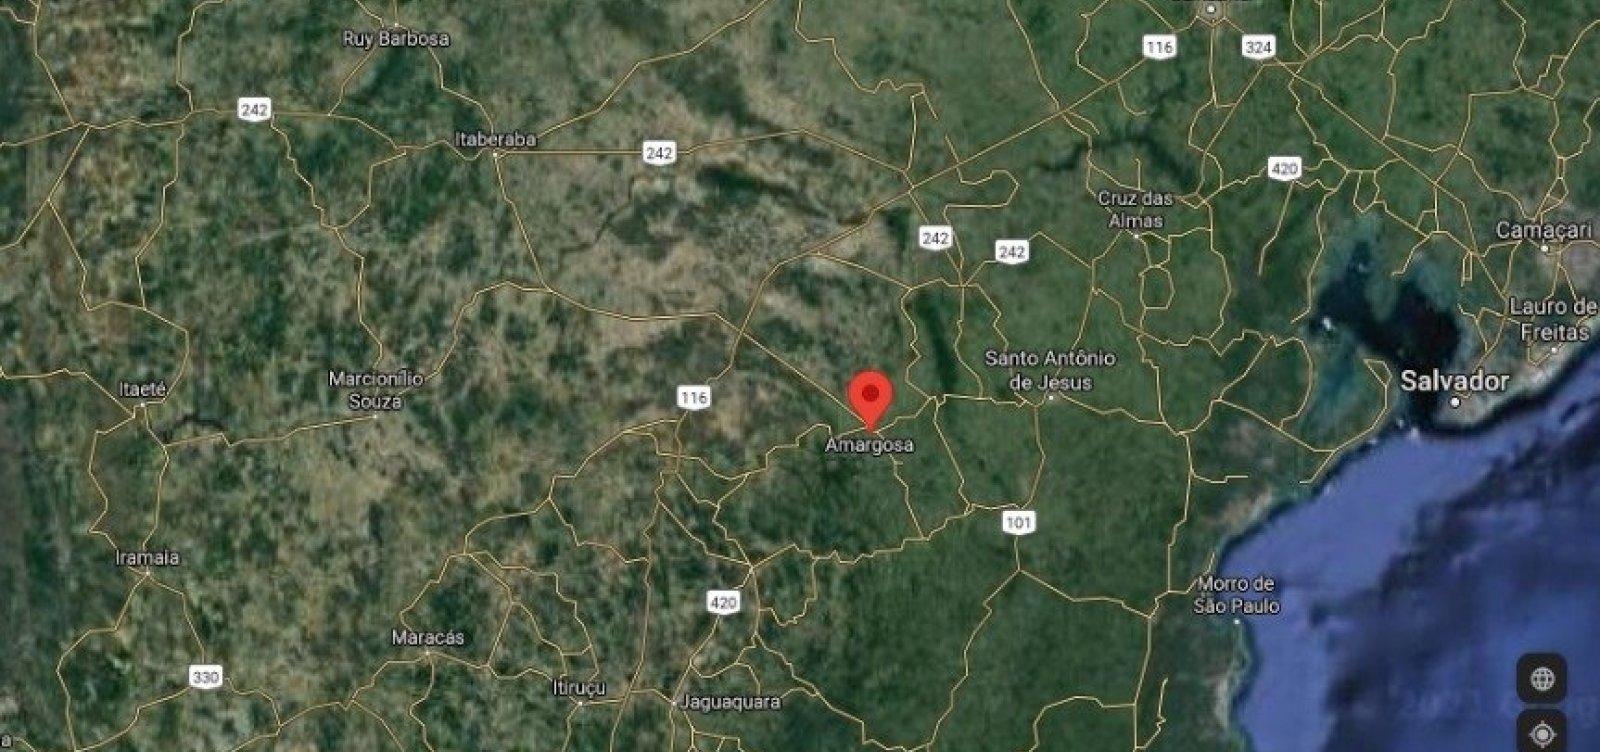 Sexto tremor de terra é registrado na Bahia em 2021